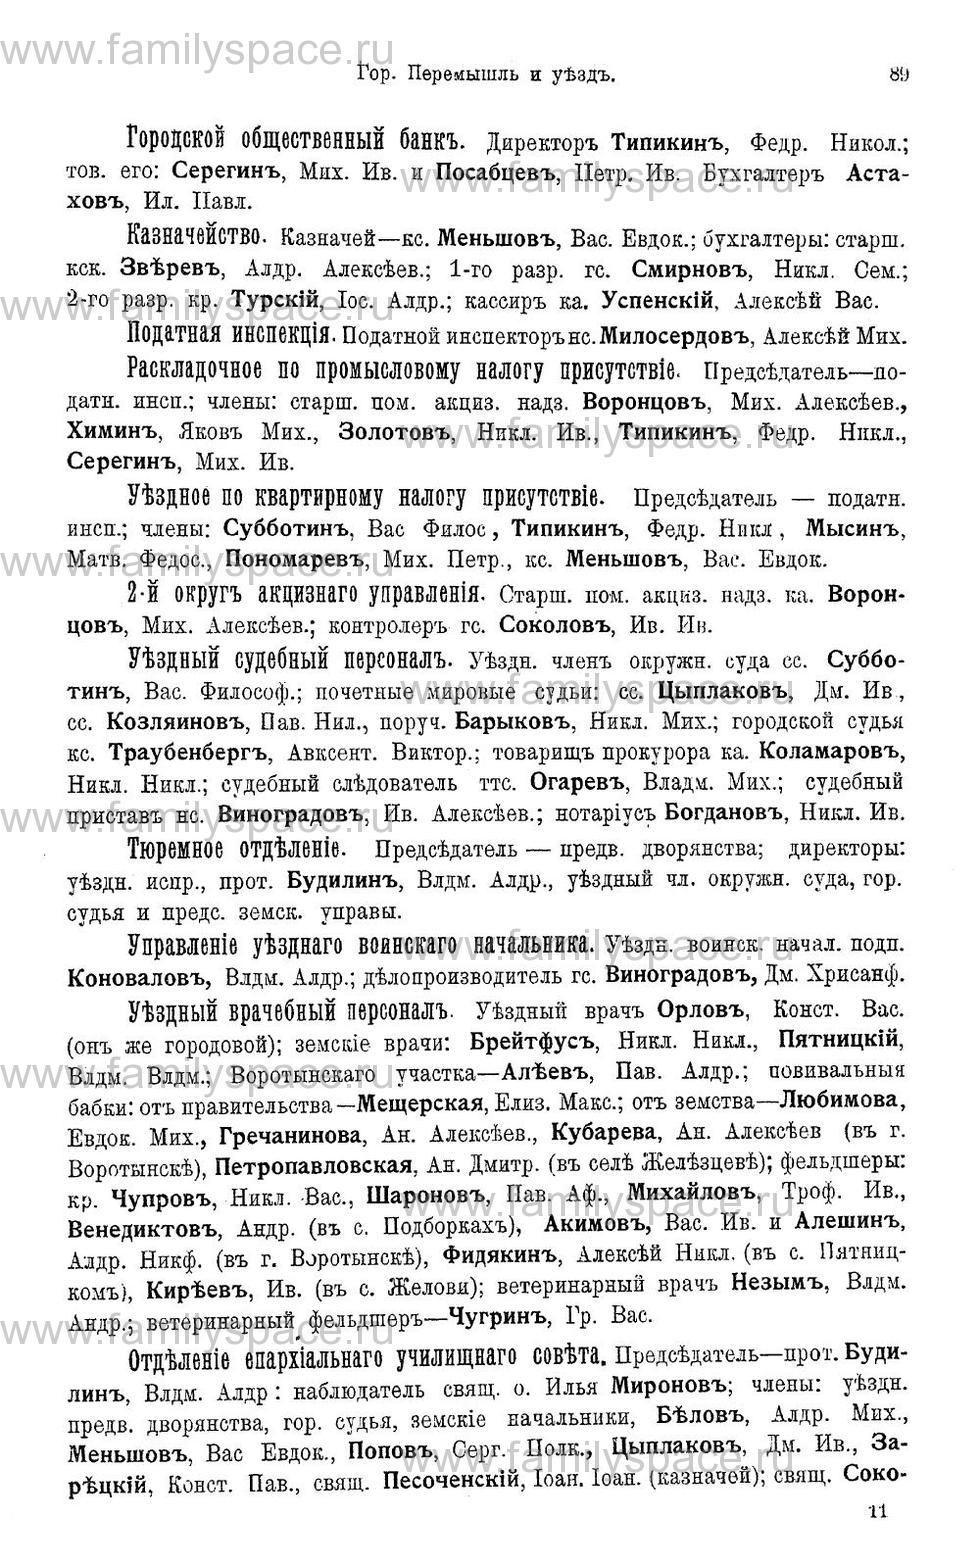 Поиск по фамилии - Памятная книжка и адрес-календарь Калужской губернии на 1911 год, страница 2089